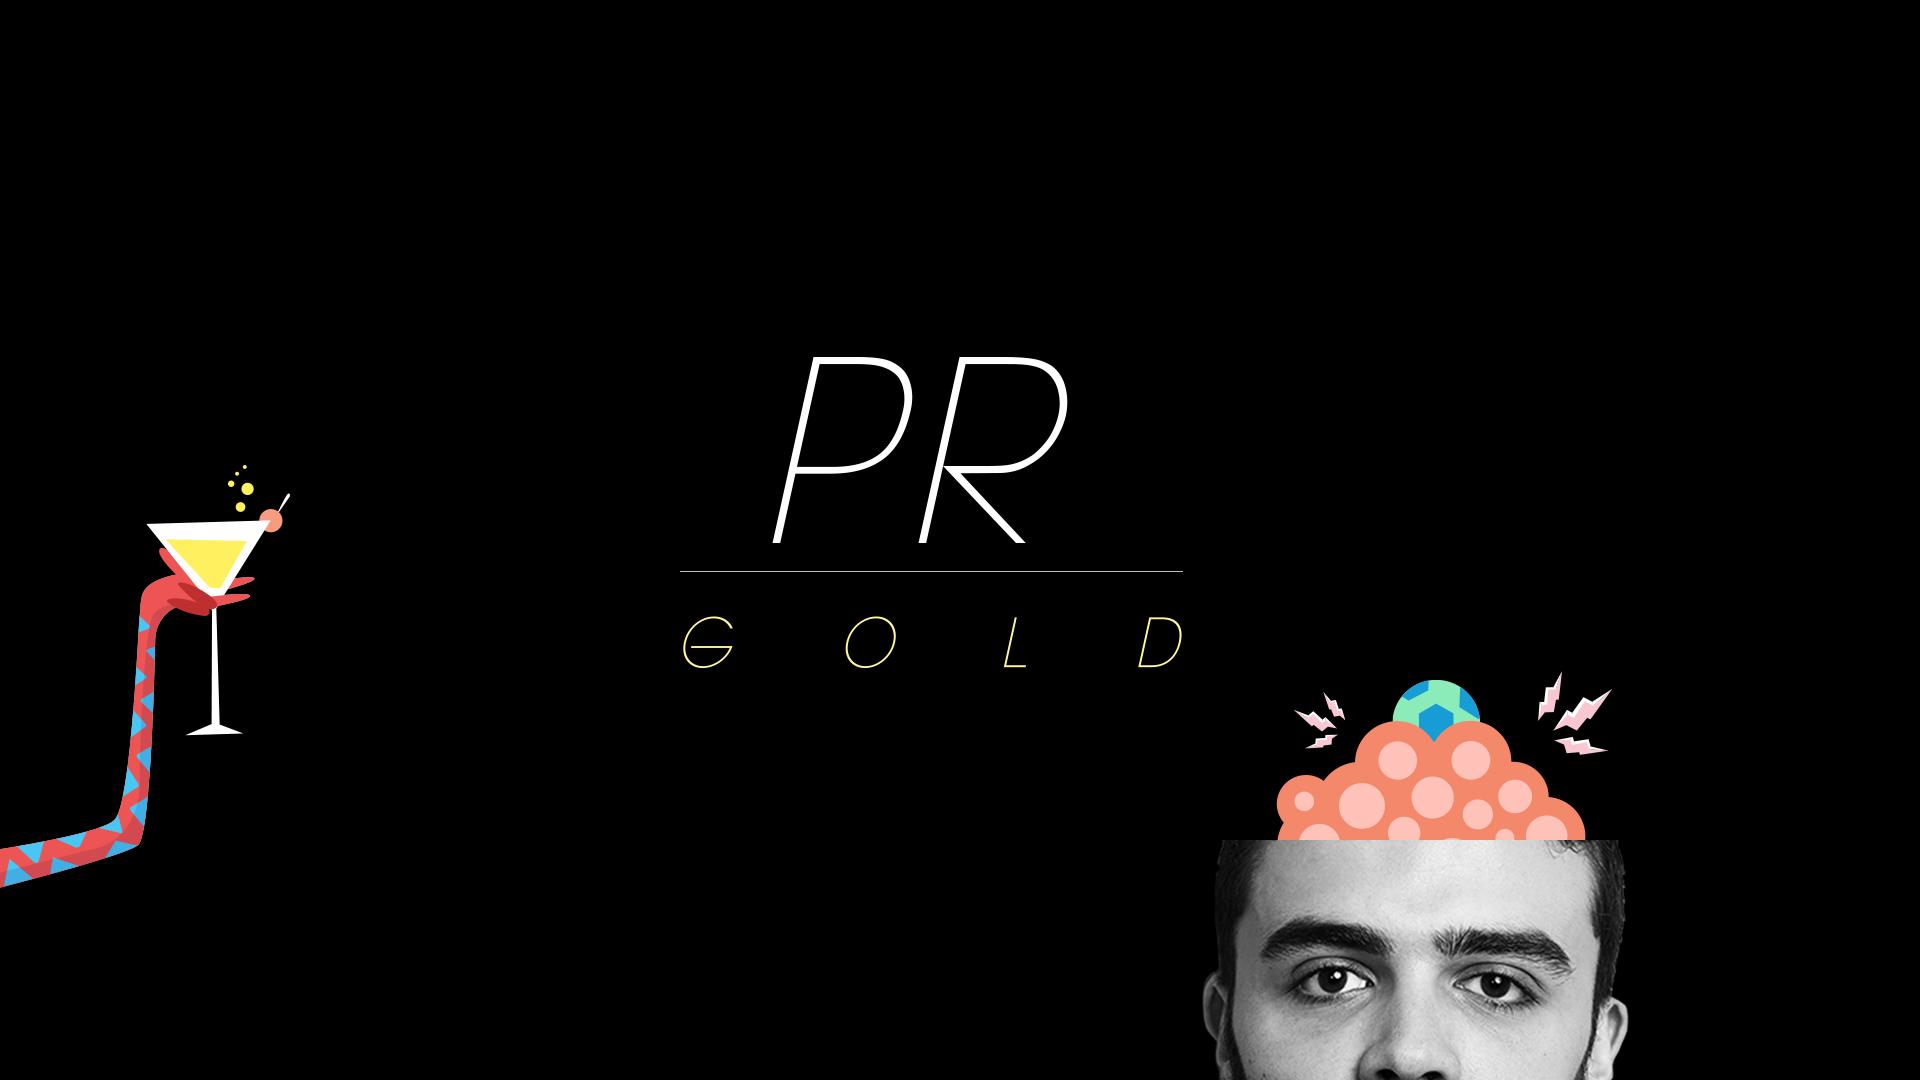 PLACAS PREMIOS-PR-GOLD.png